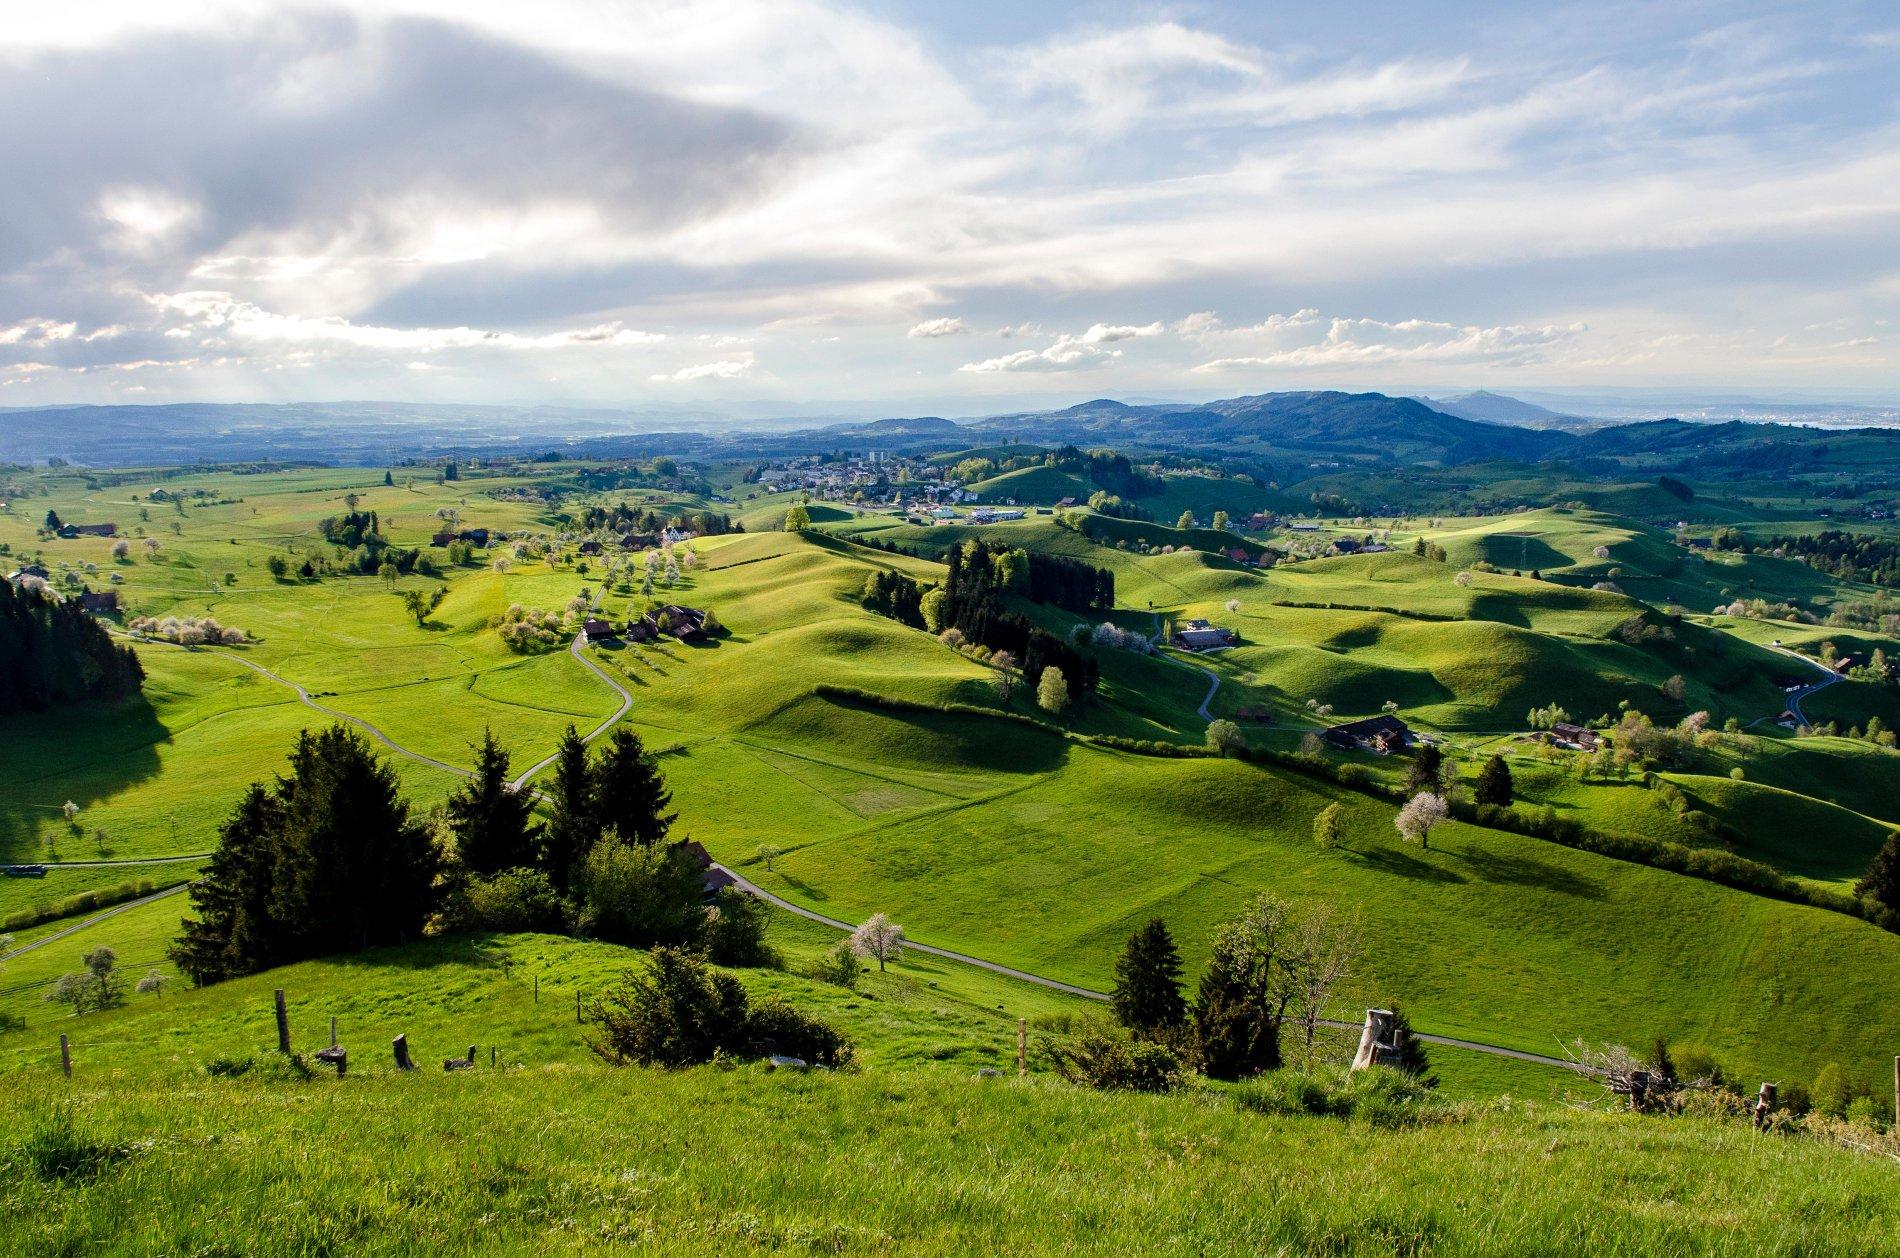 Moränelandschaft von Menzingen